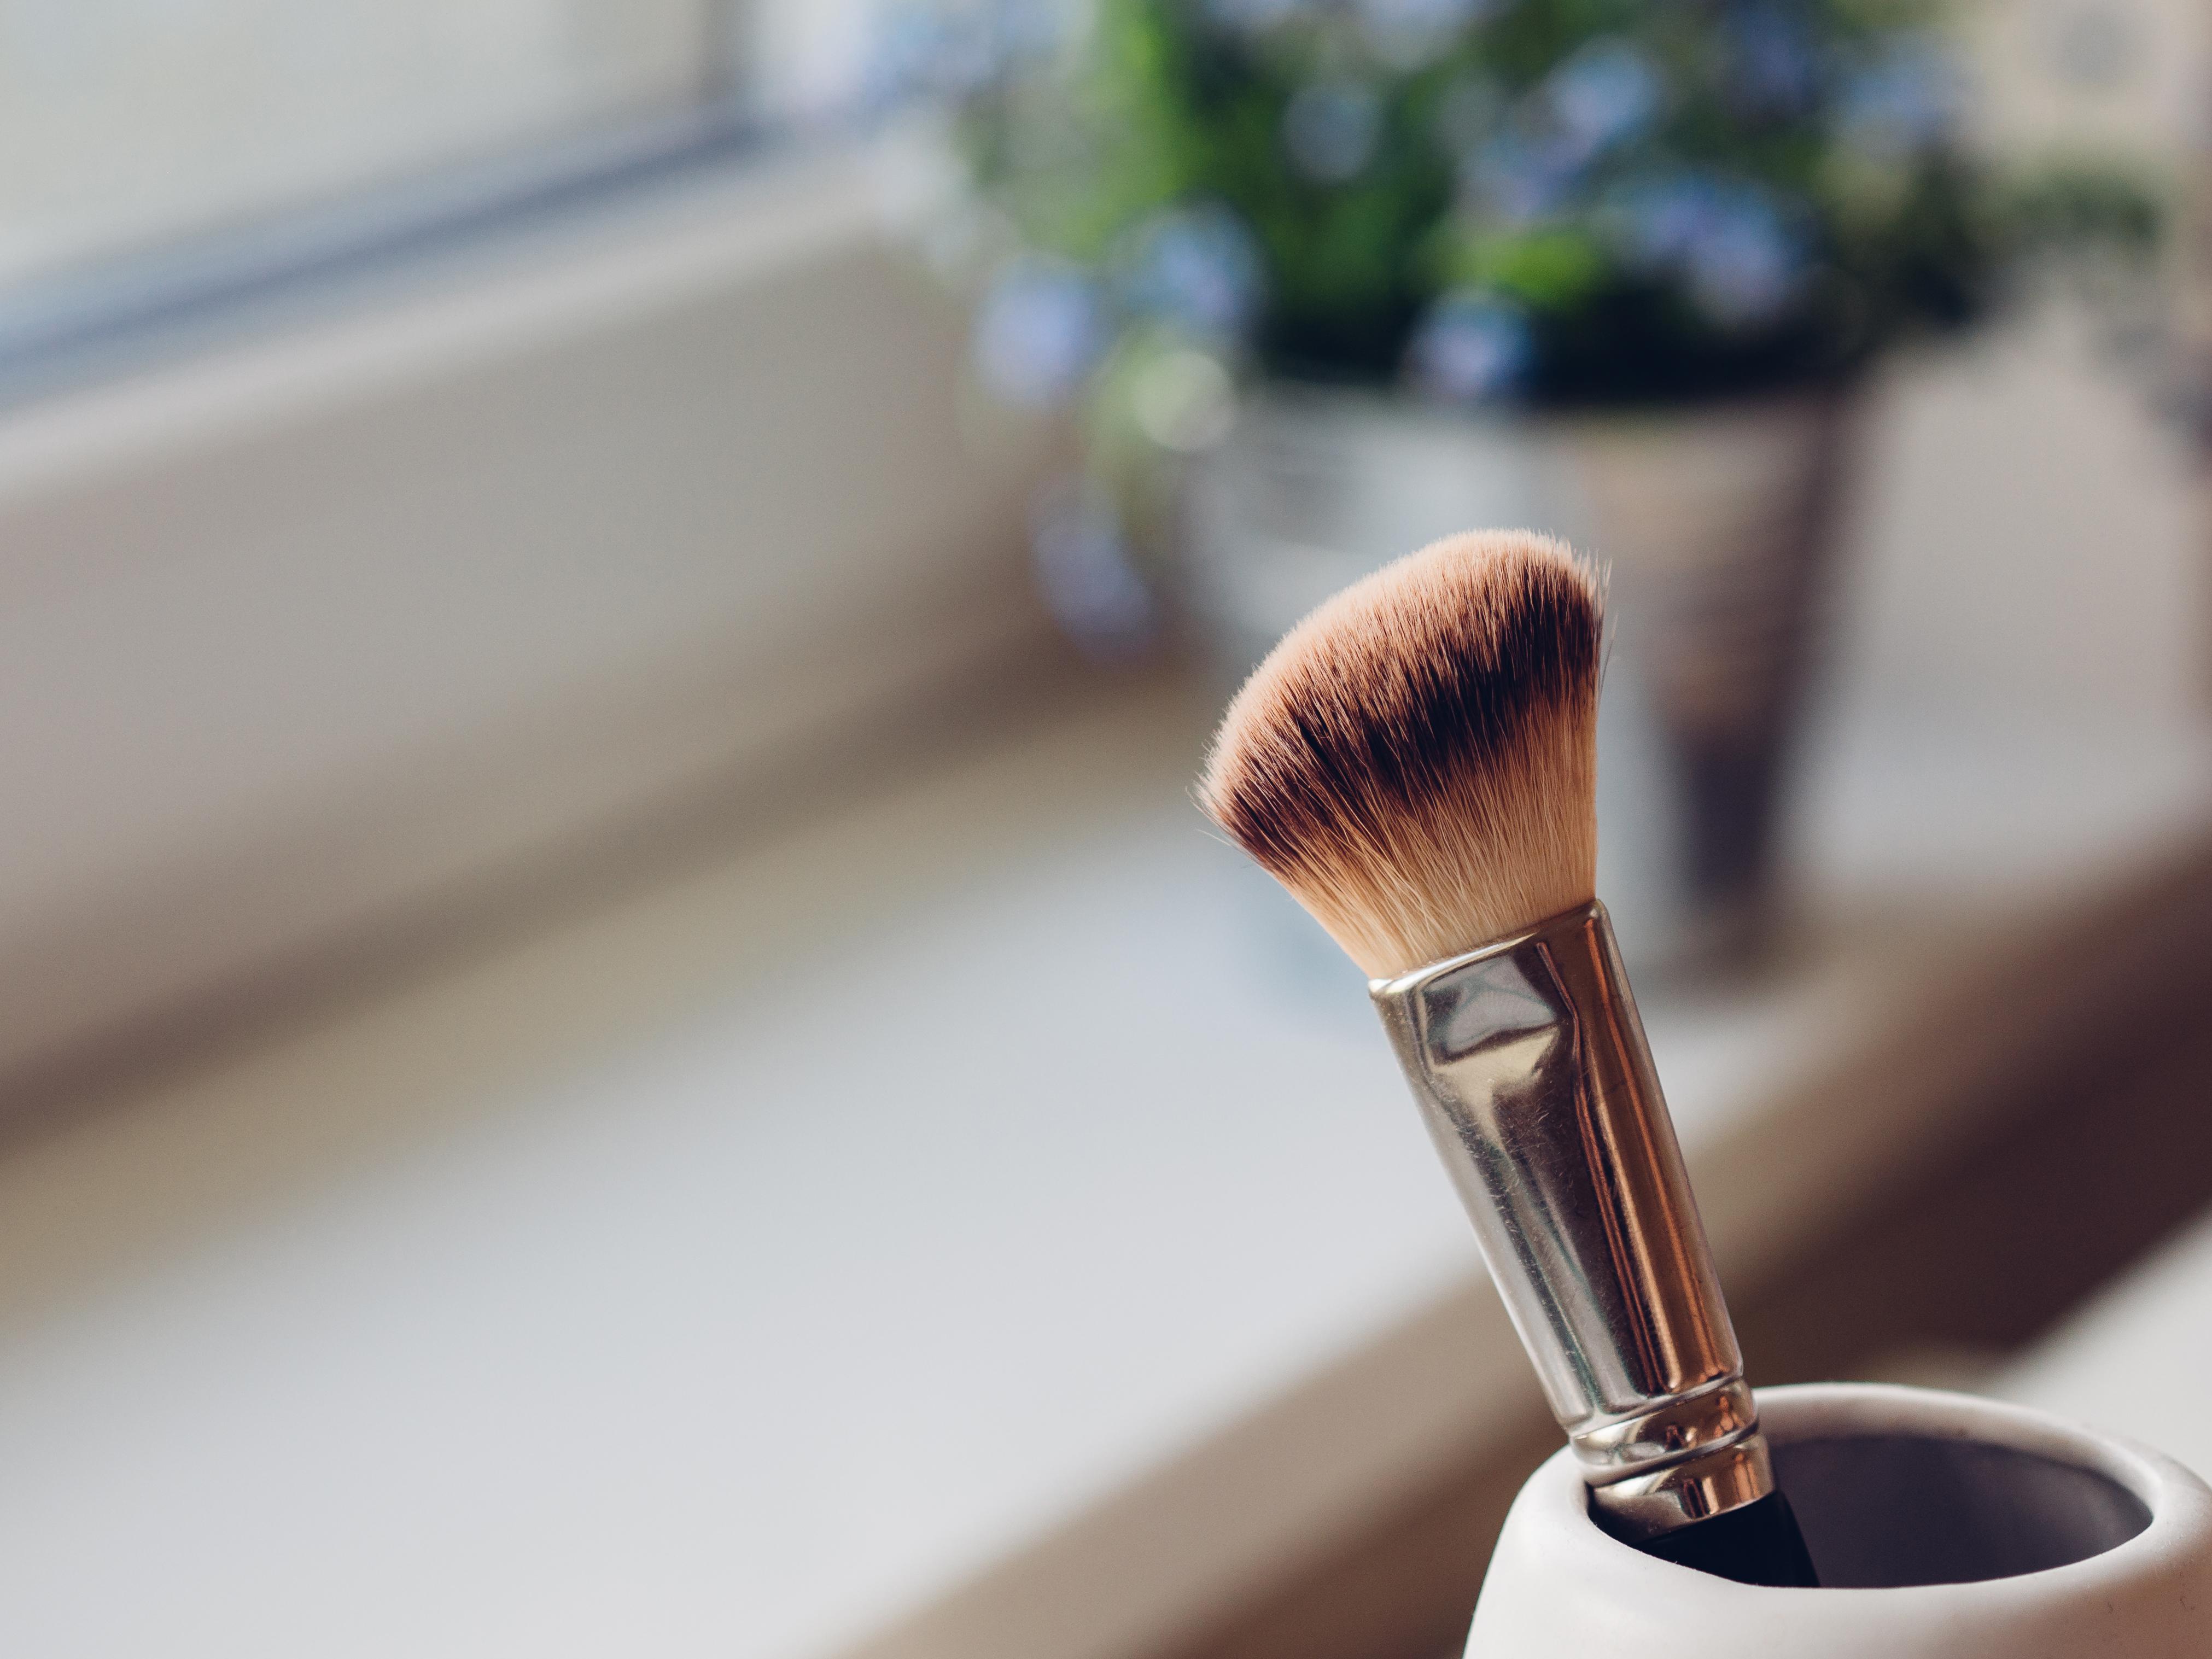 Εσύ καθαρίζεις σωστά τα πινέλα του μακιγιάζ;